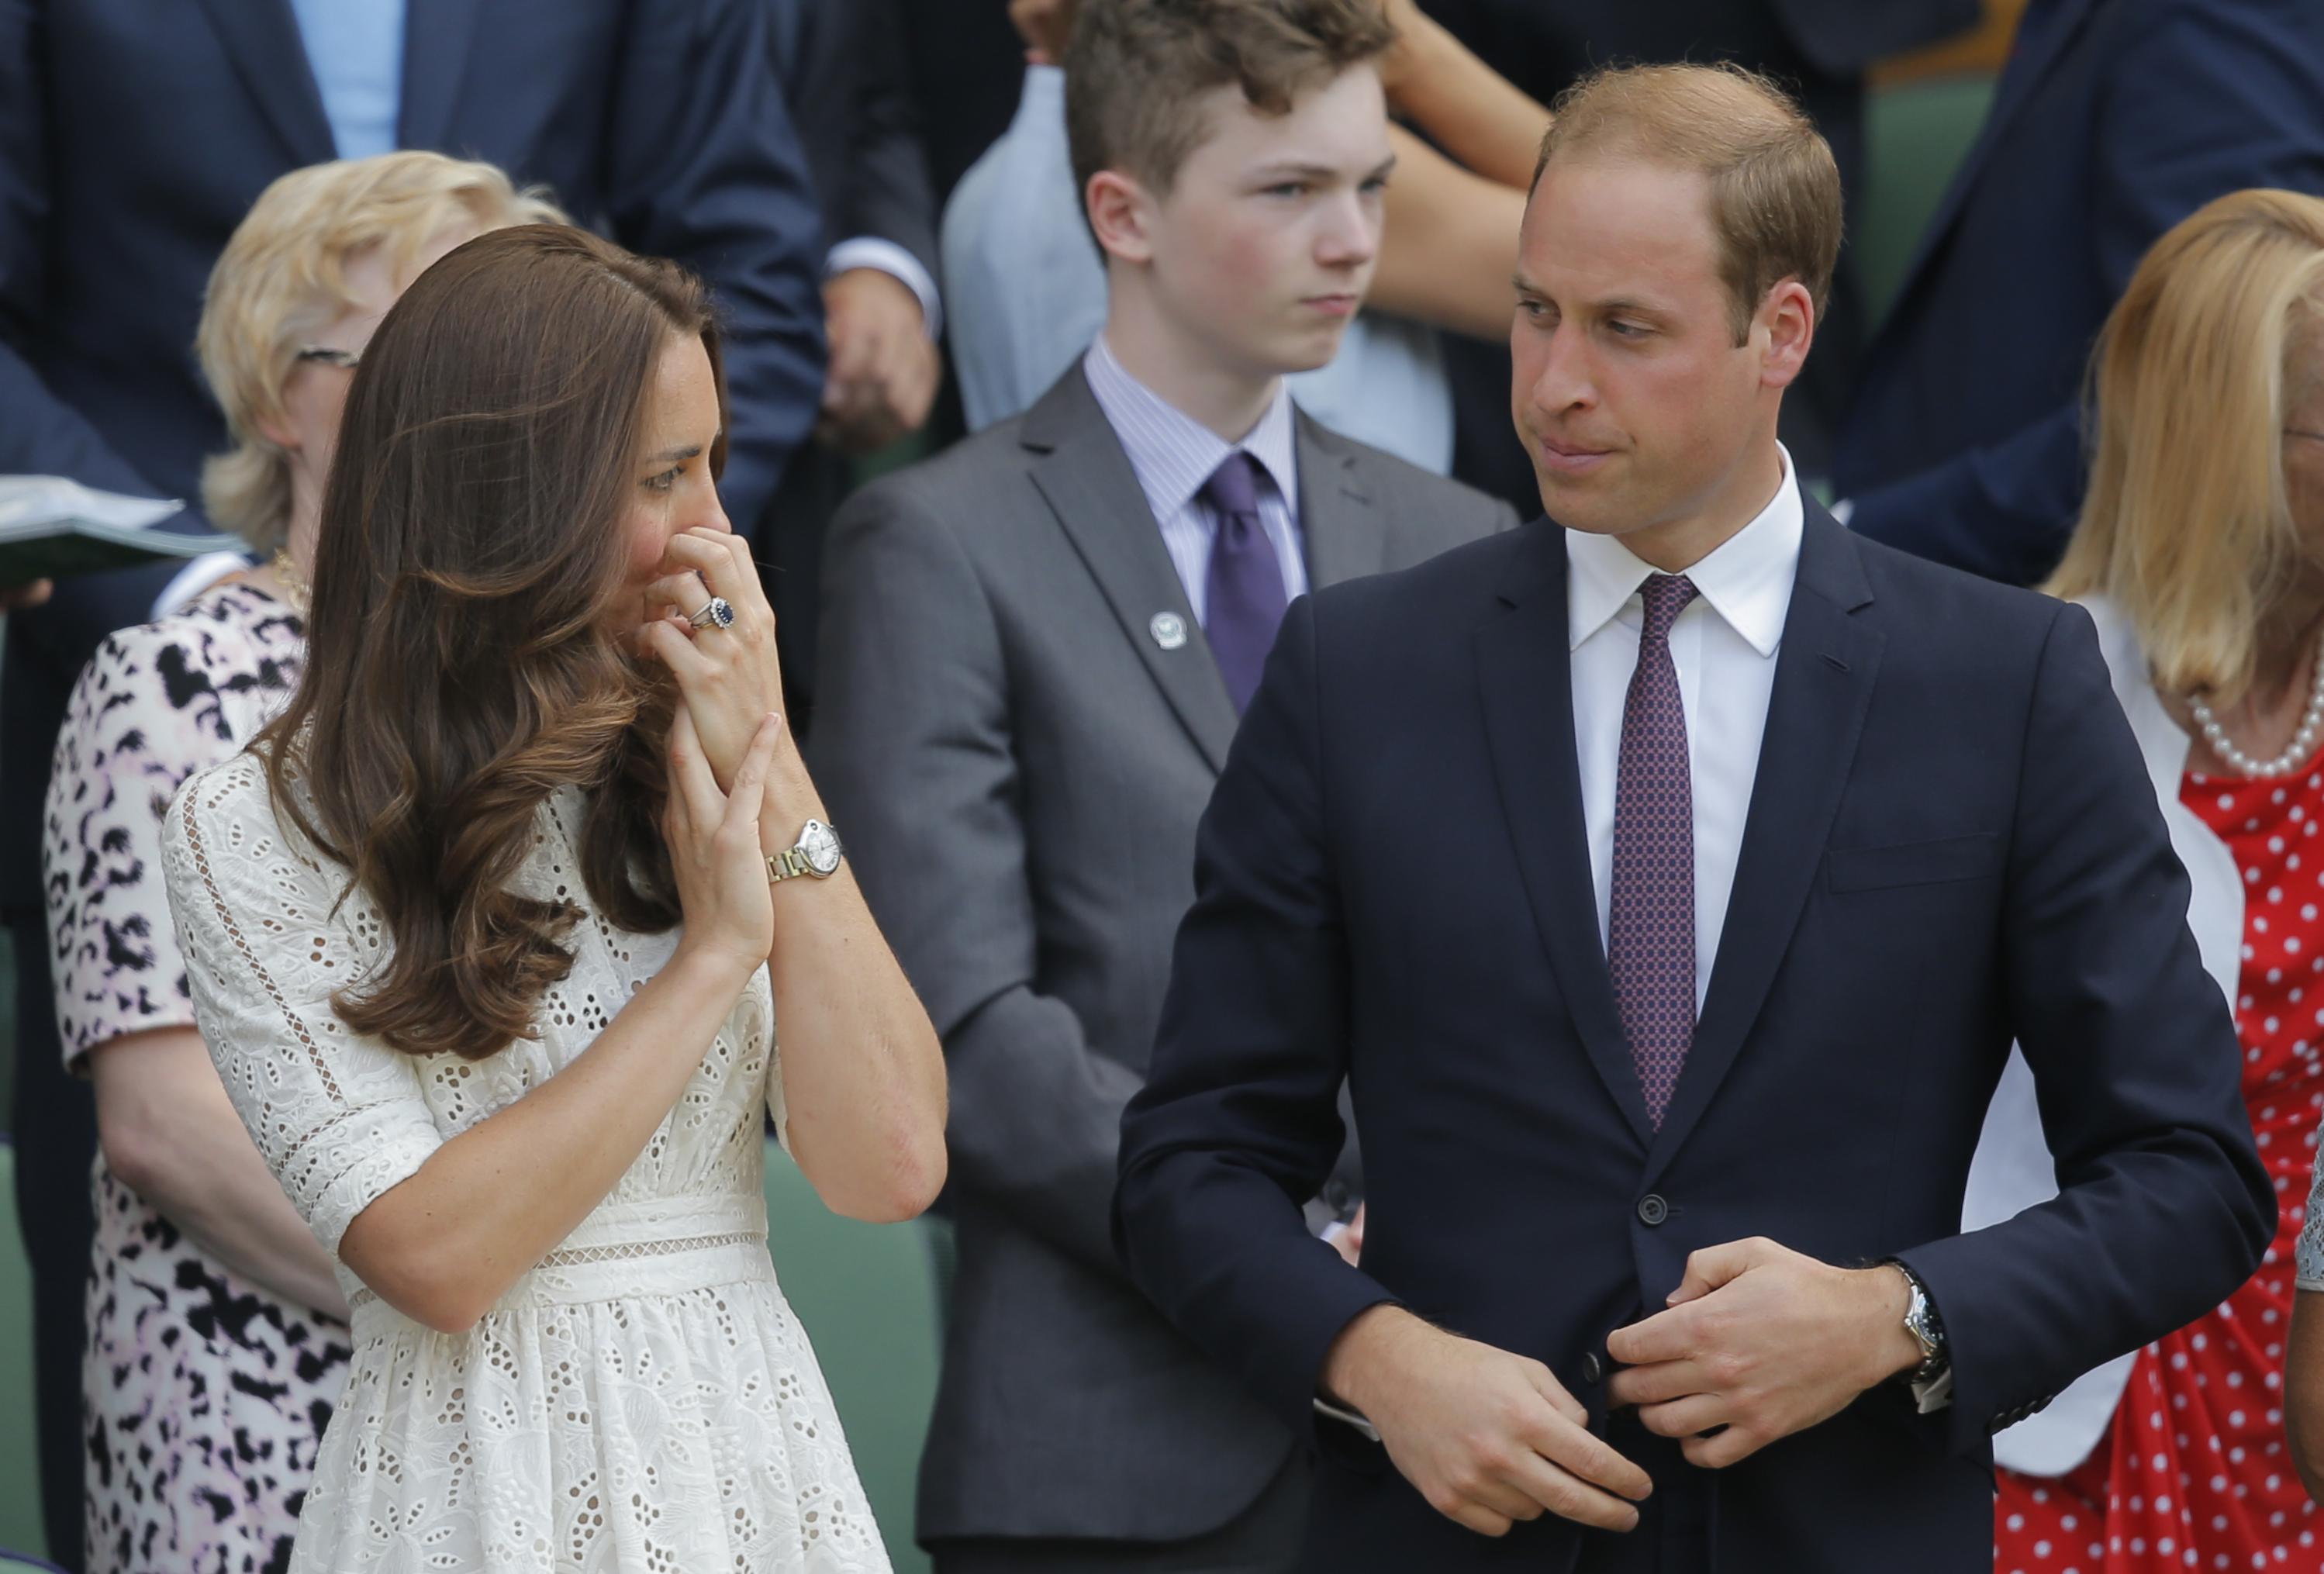 Стали известны рабочие планы принца Уильяма, Кейт Миддлтон, принцессы Анны и других членов монаршей семьи